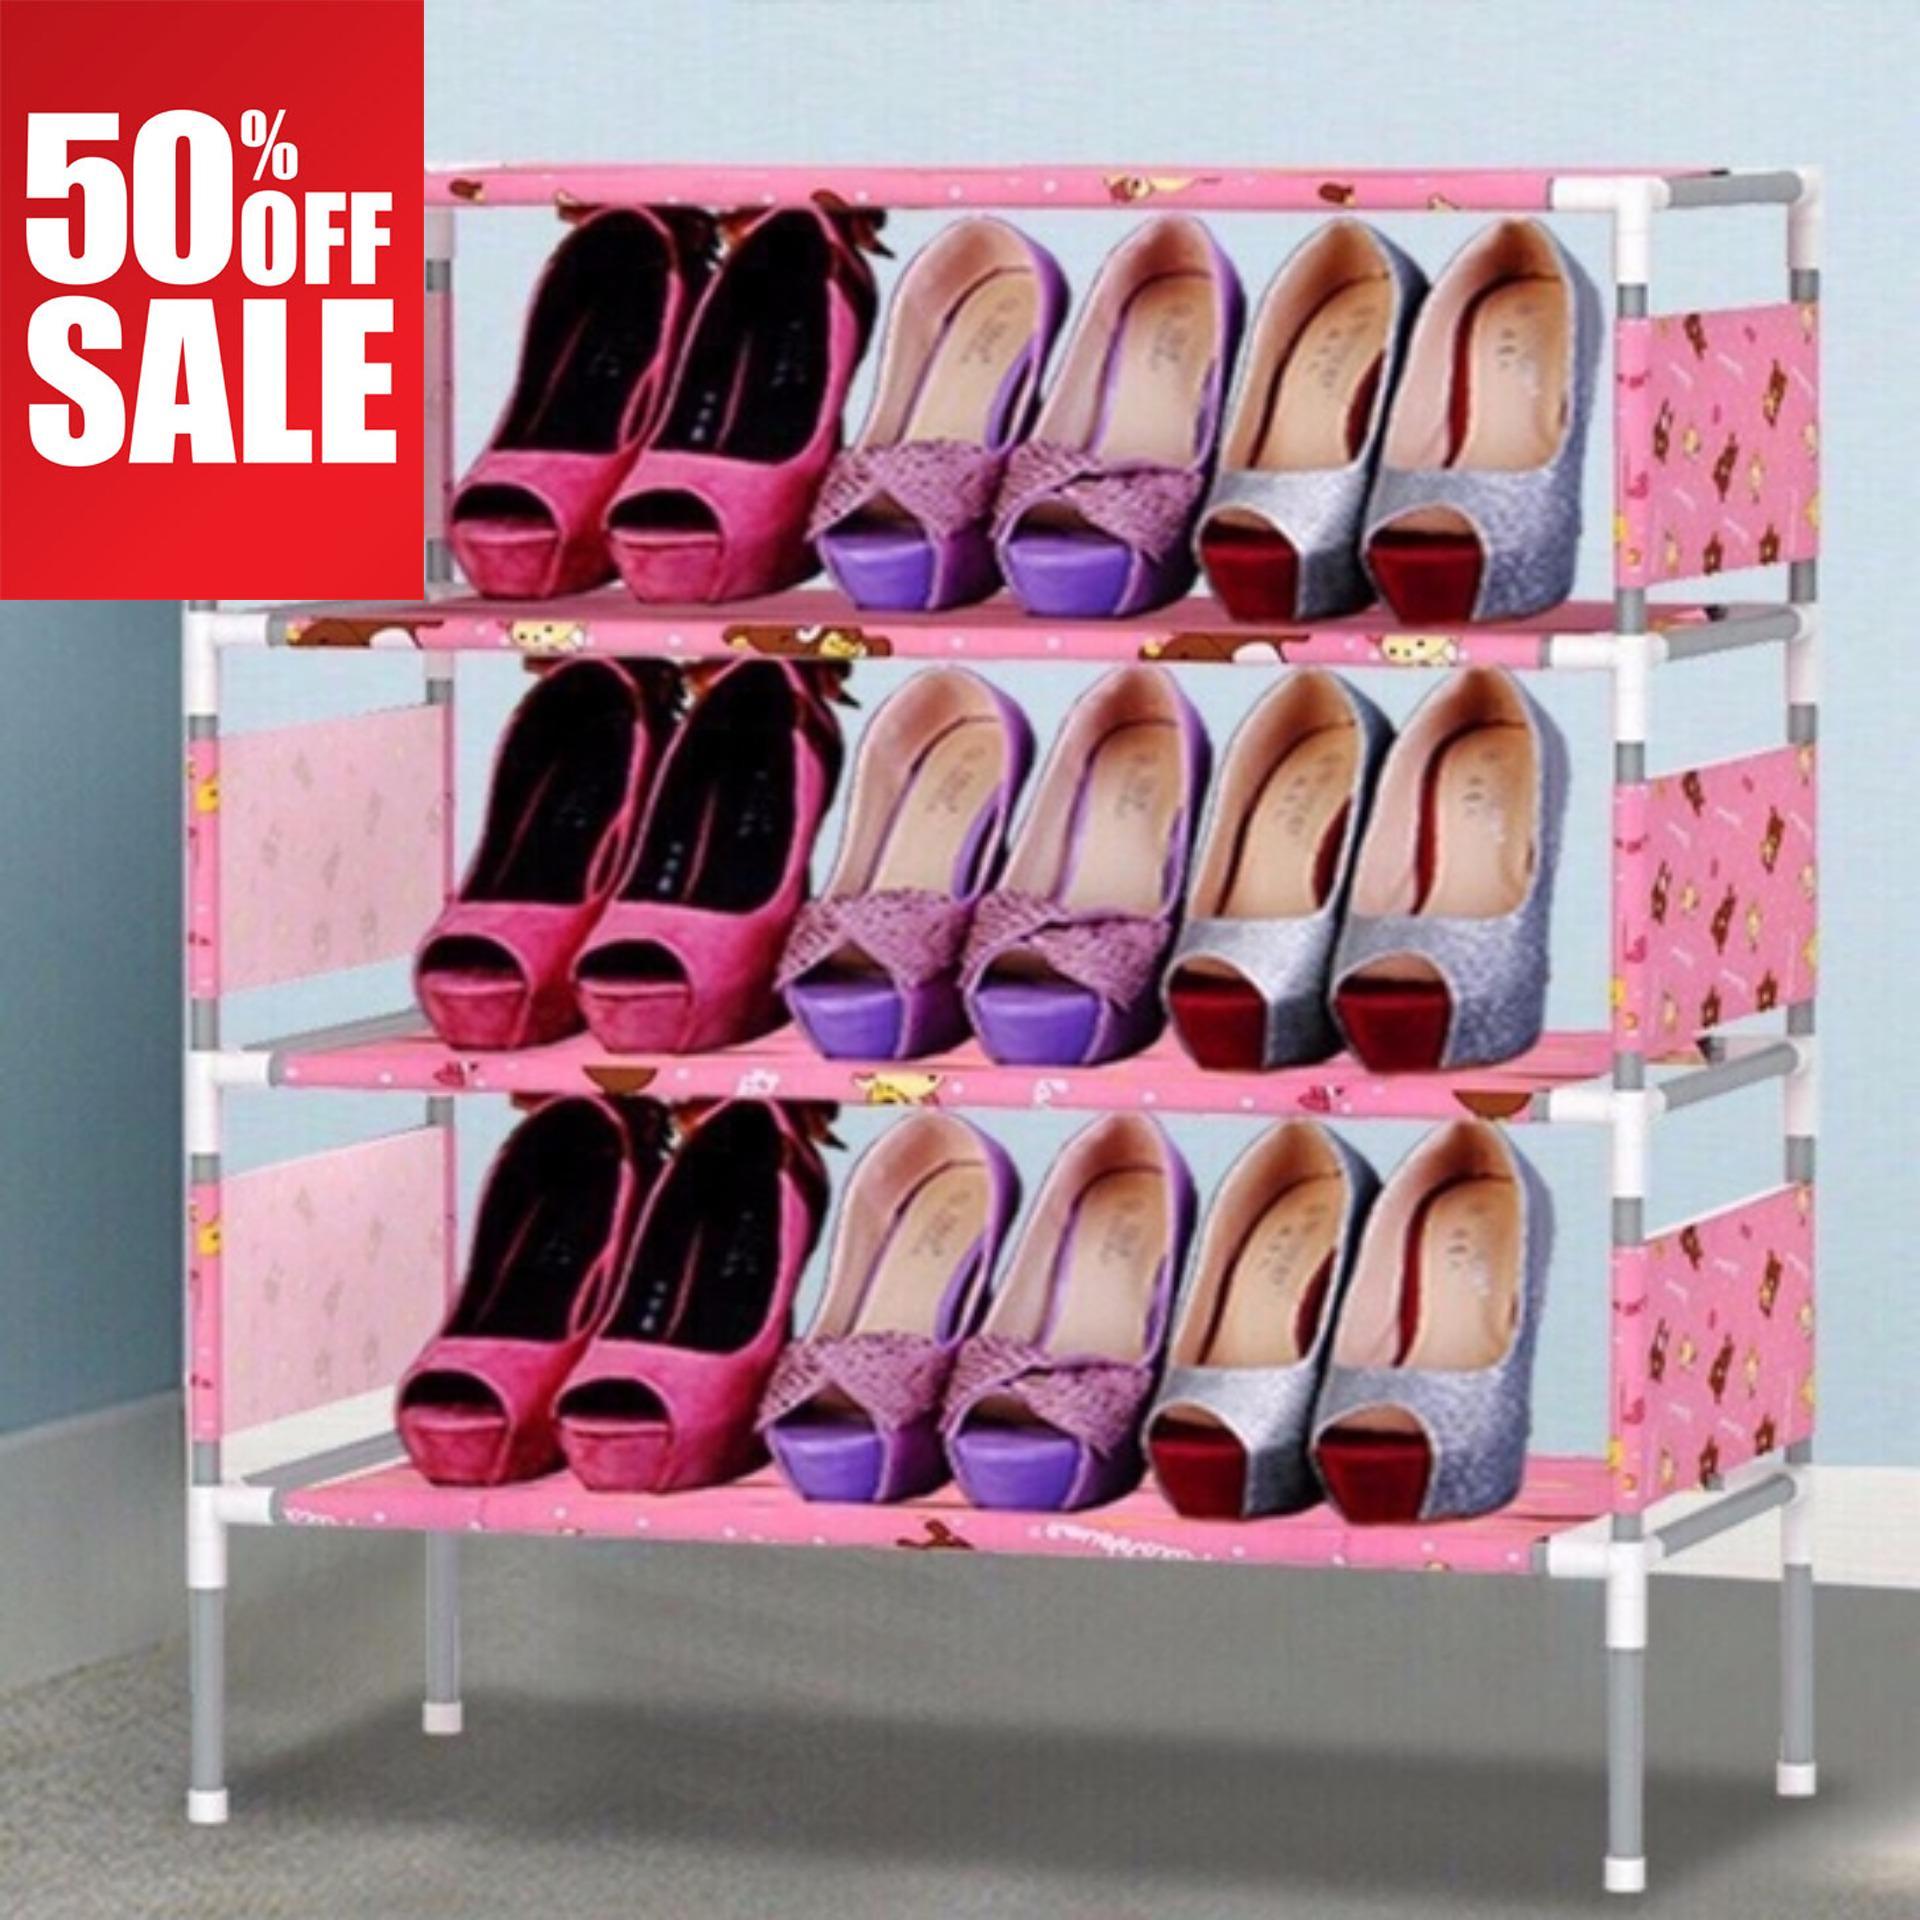 Tủ giày nhựa, Kệ đựng giầy dép inox bọc vải giá rẻ , BẢO HÀNH 1 ĐỔI 1